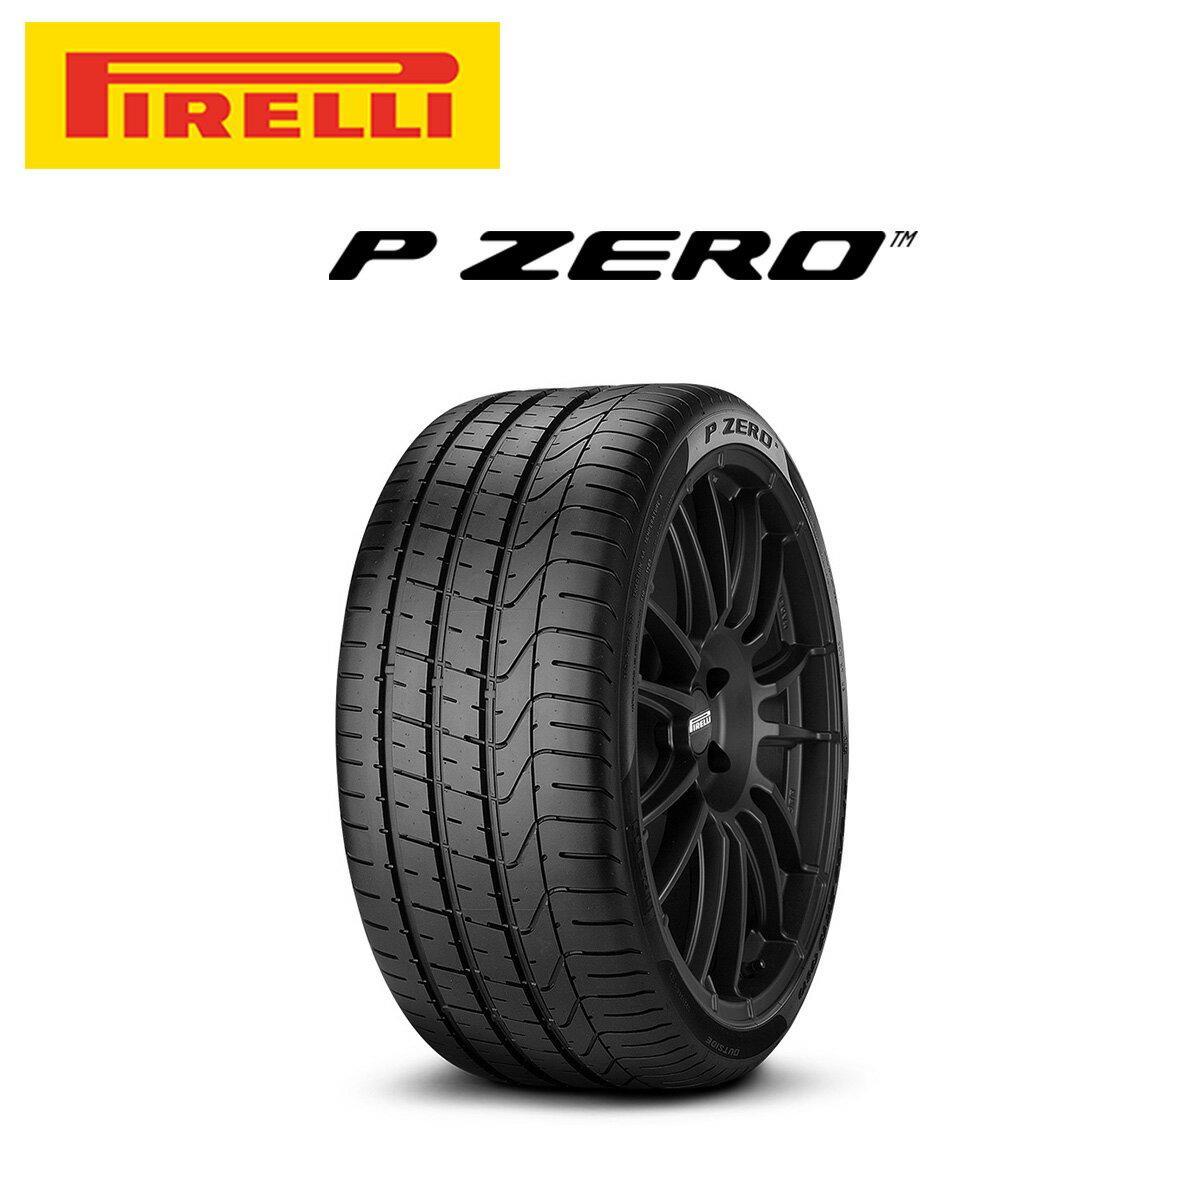 ピレリ PIRELLI P ZERO ピーゼロ 20インチ サマー タイヤ 4本 セット 305/25ZR20 97Y XL 2354800